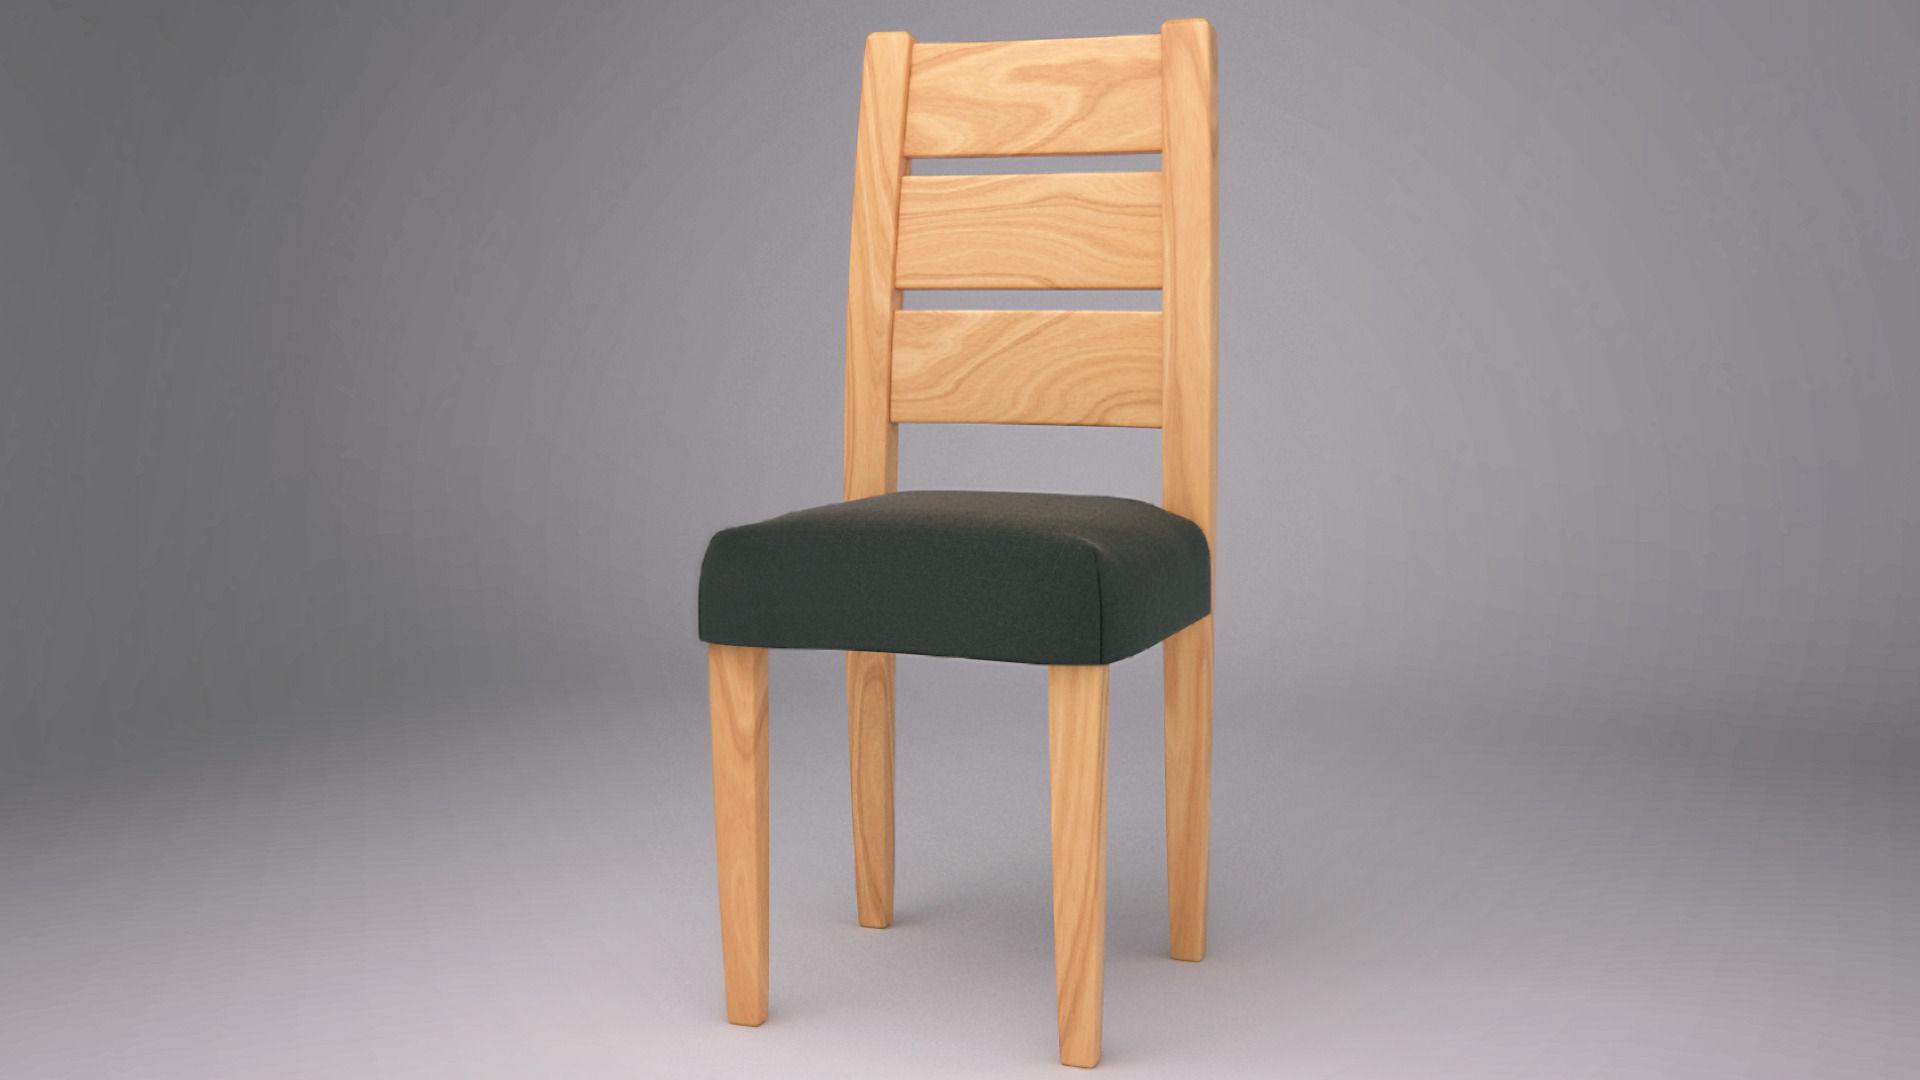 Wooden Chair 3d Model Fbx Blend